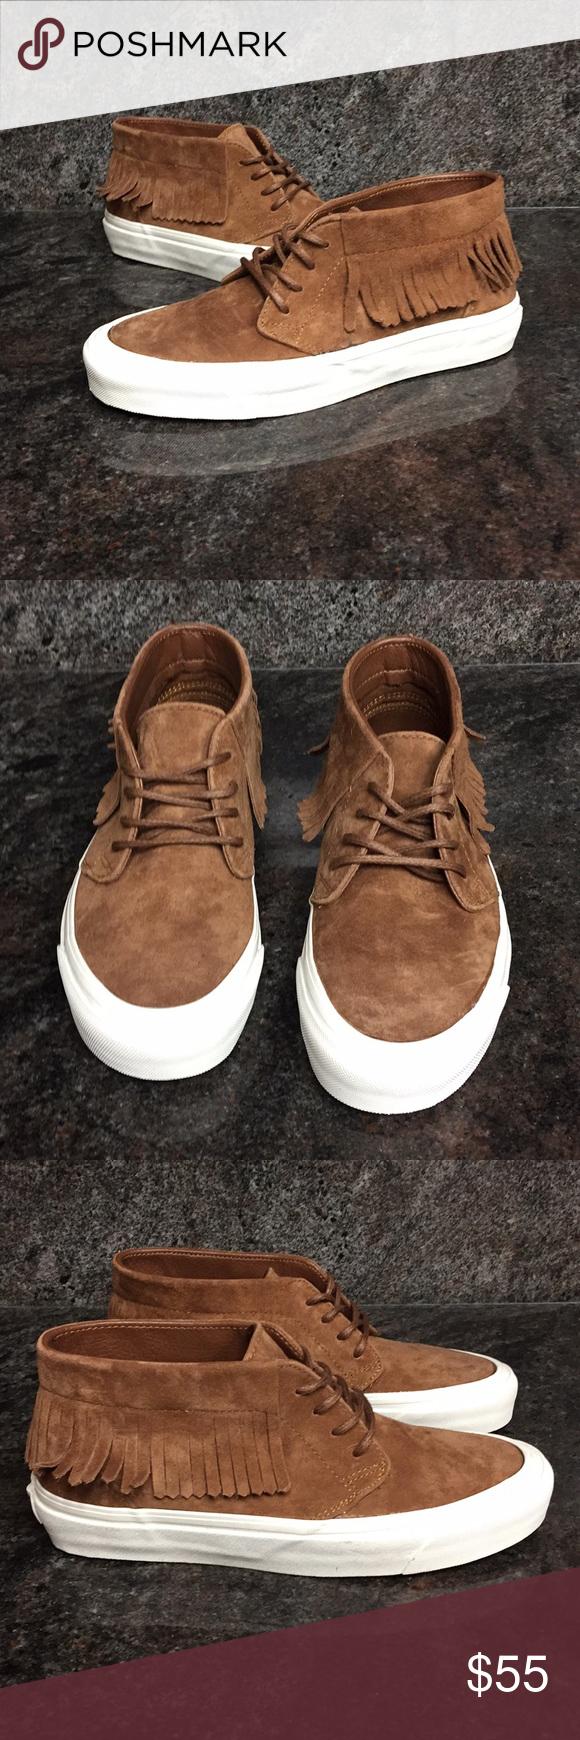 9d67edc46724 🔥Sale Vans Chukka Moc DX Fringed Mid Top Sneakers Vans Chukka Moc DX  Fringed Mid